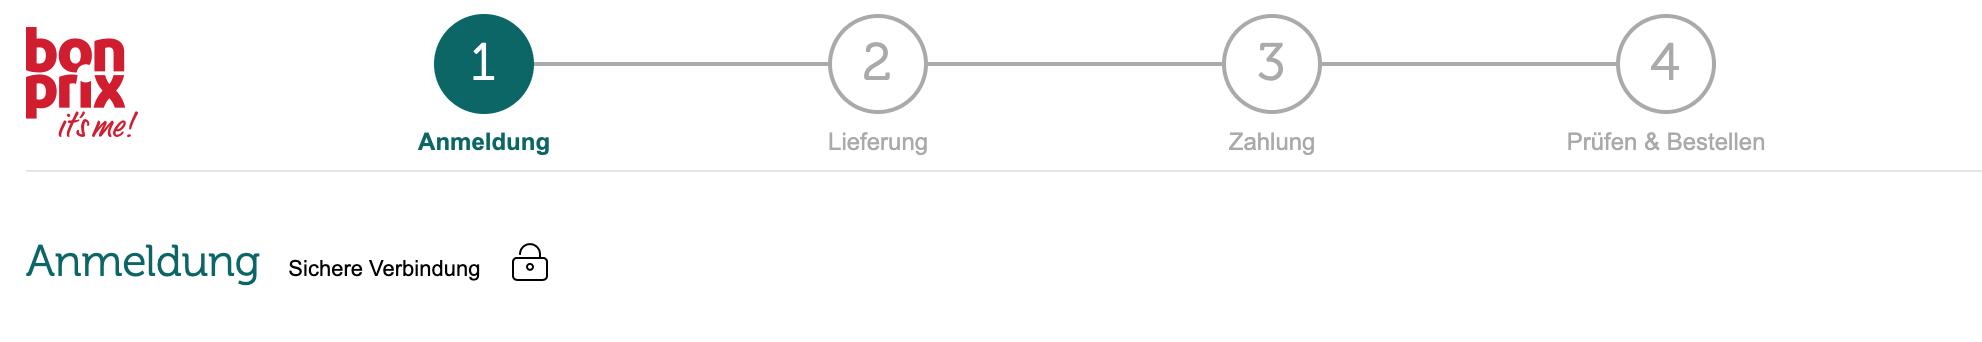 Das Bild zeigt einen Checkout-Prozess bei einem Onlineshop. Dieser besteht aus 4 Schritten, die von eins bis vier durchnummeriert sind. Eins: Anmeldung, zwei: Lieferung, drei: Zahlung, vier: Prüfen & Bestellen. Jeweils der Schritt bei dem sich der User*Inn befindet, ist grün hervorgehoben. Nutze diesen Mechanismen der Psychologie bei mehrschrittigen Aufgaben, um die User Experience zu verbessern.